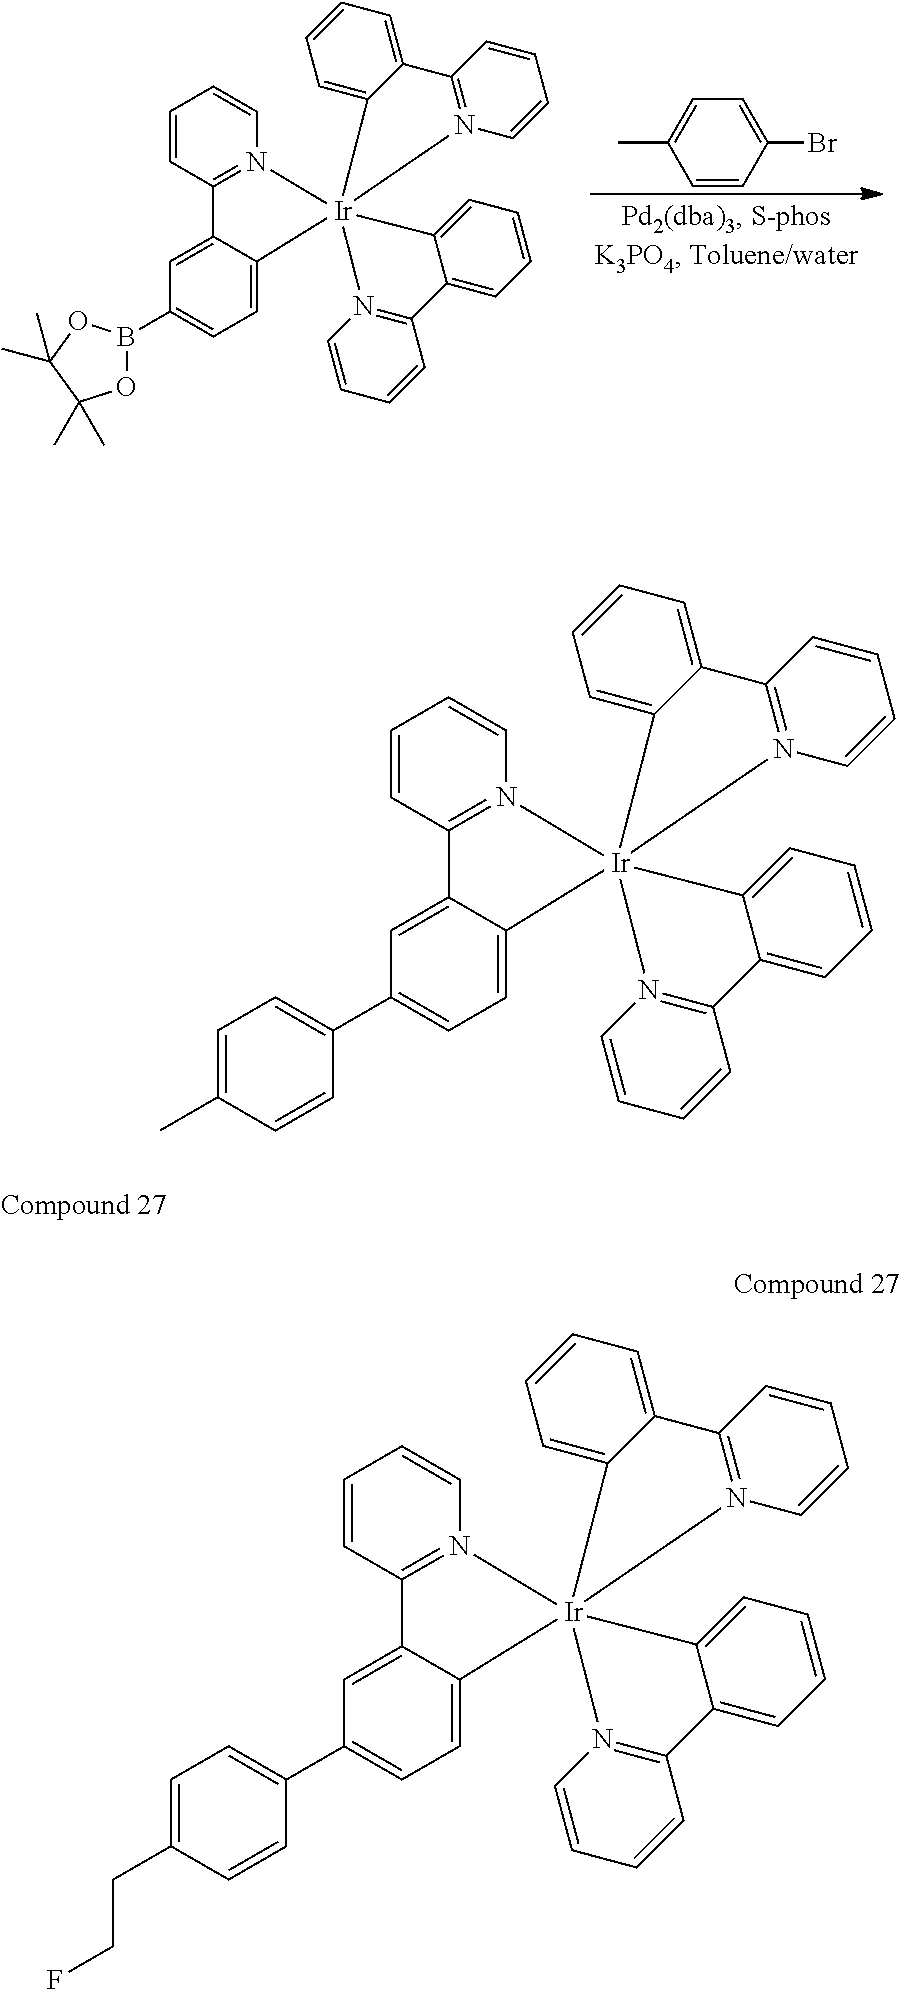 Figure US09899612-20180220-C00133